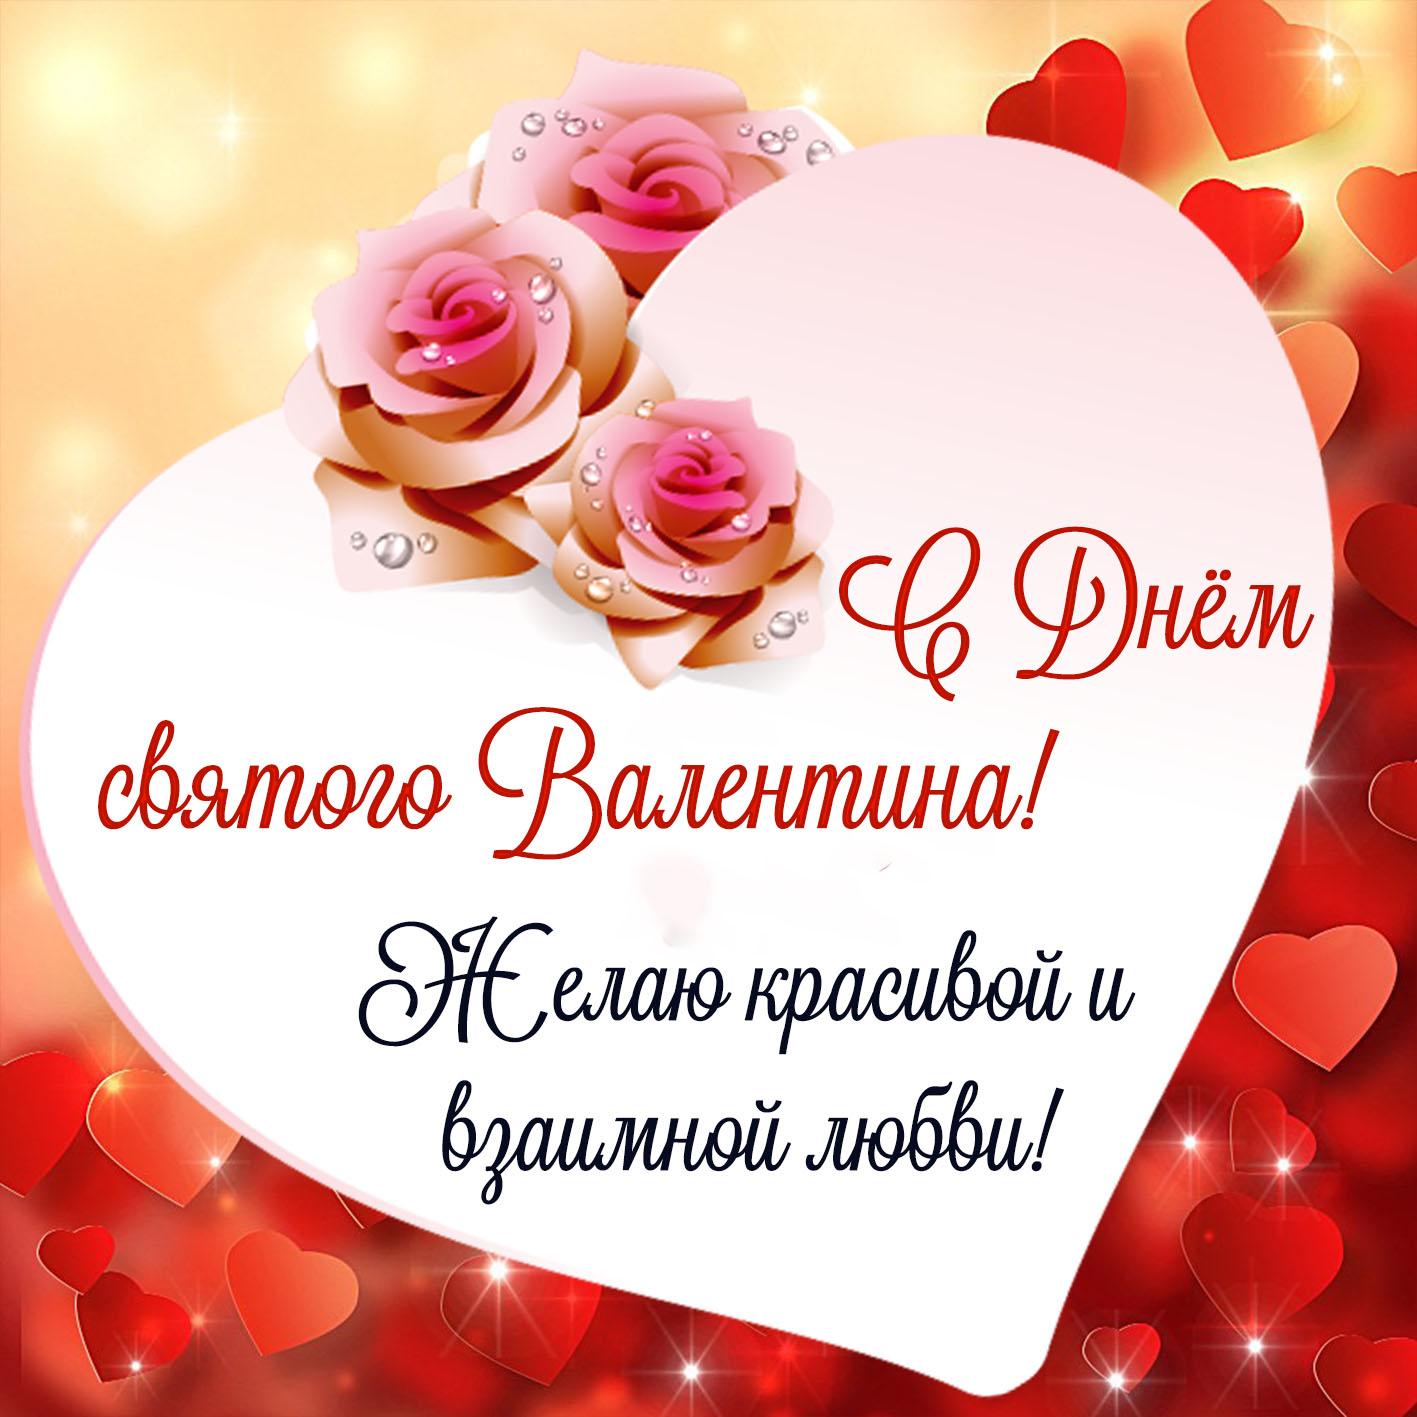 Голосовые поздравления на день святого валентина